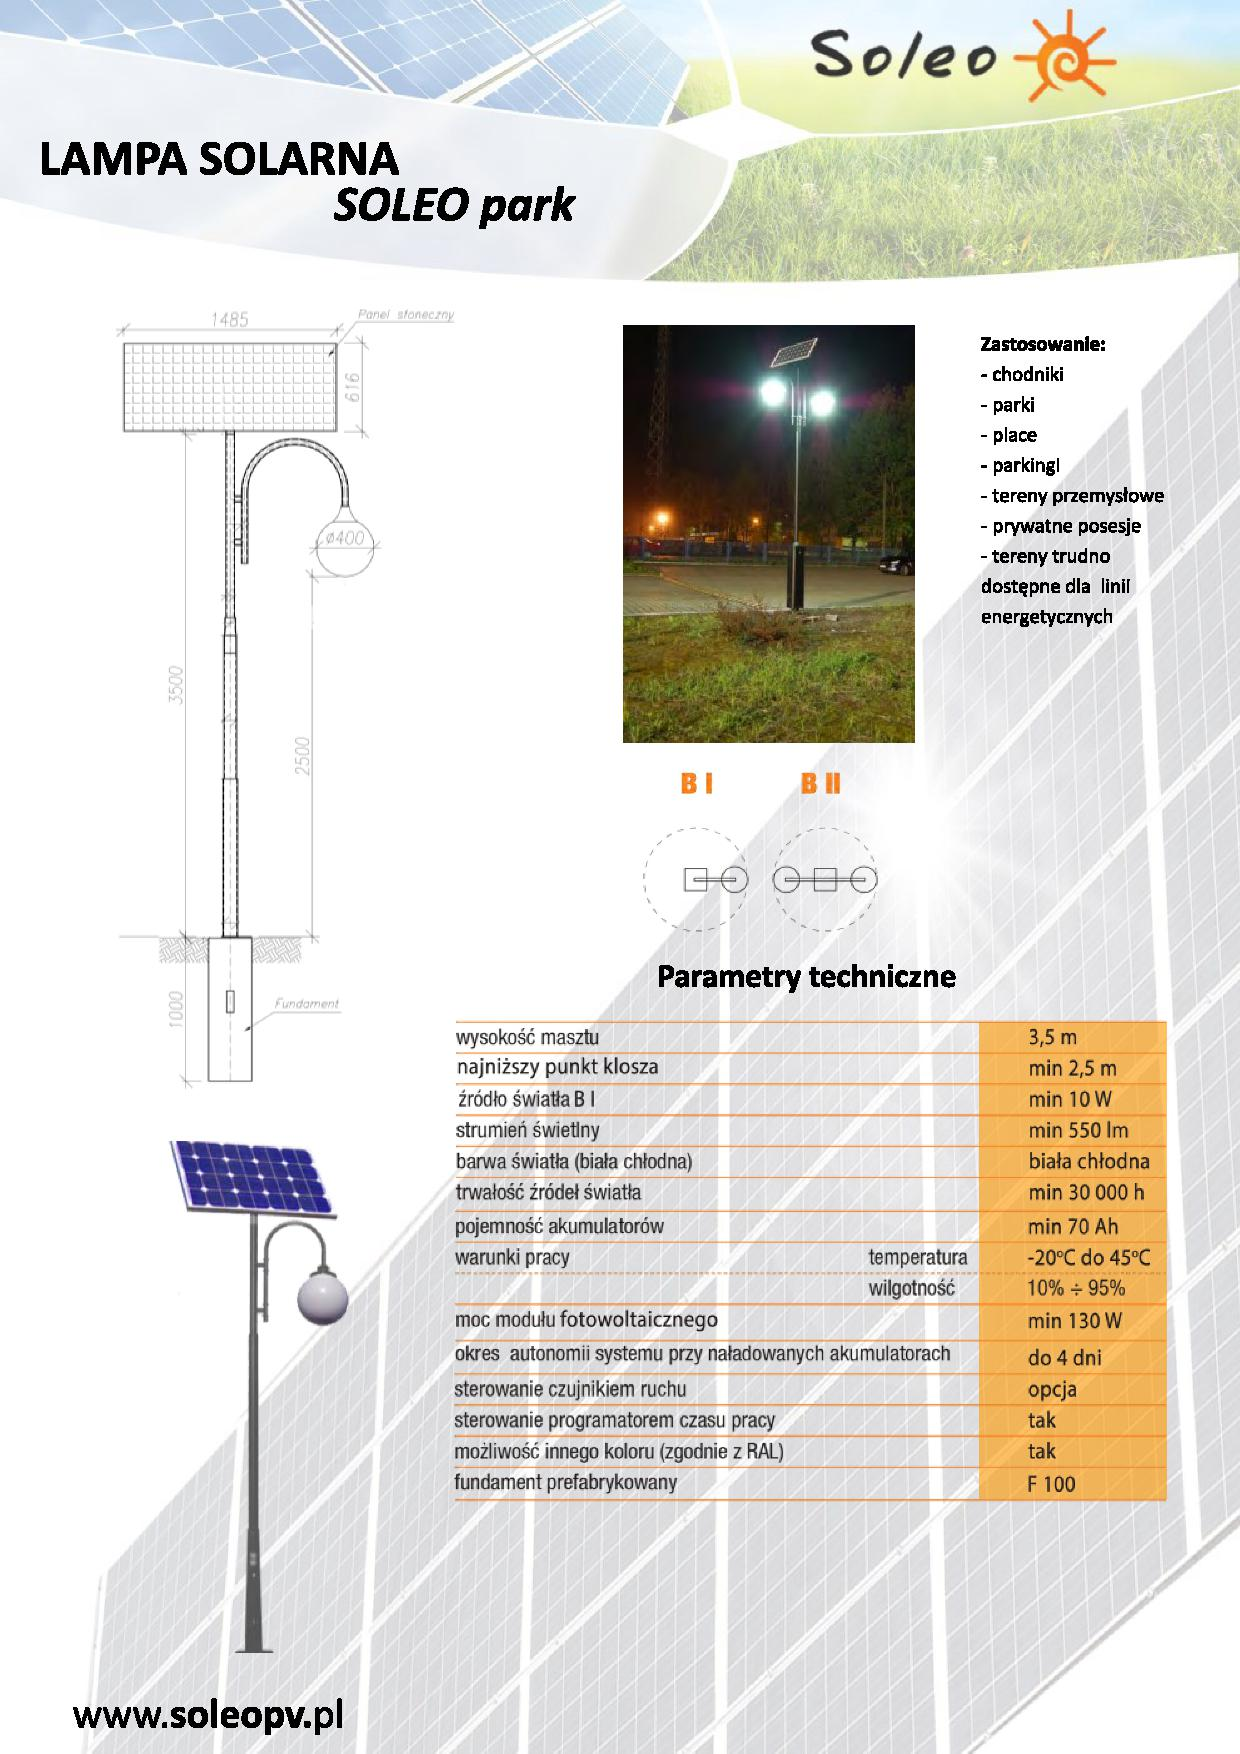 Lampa solarna Soleo Park